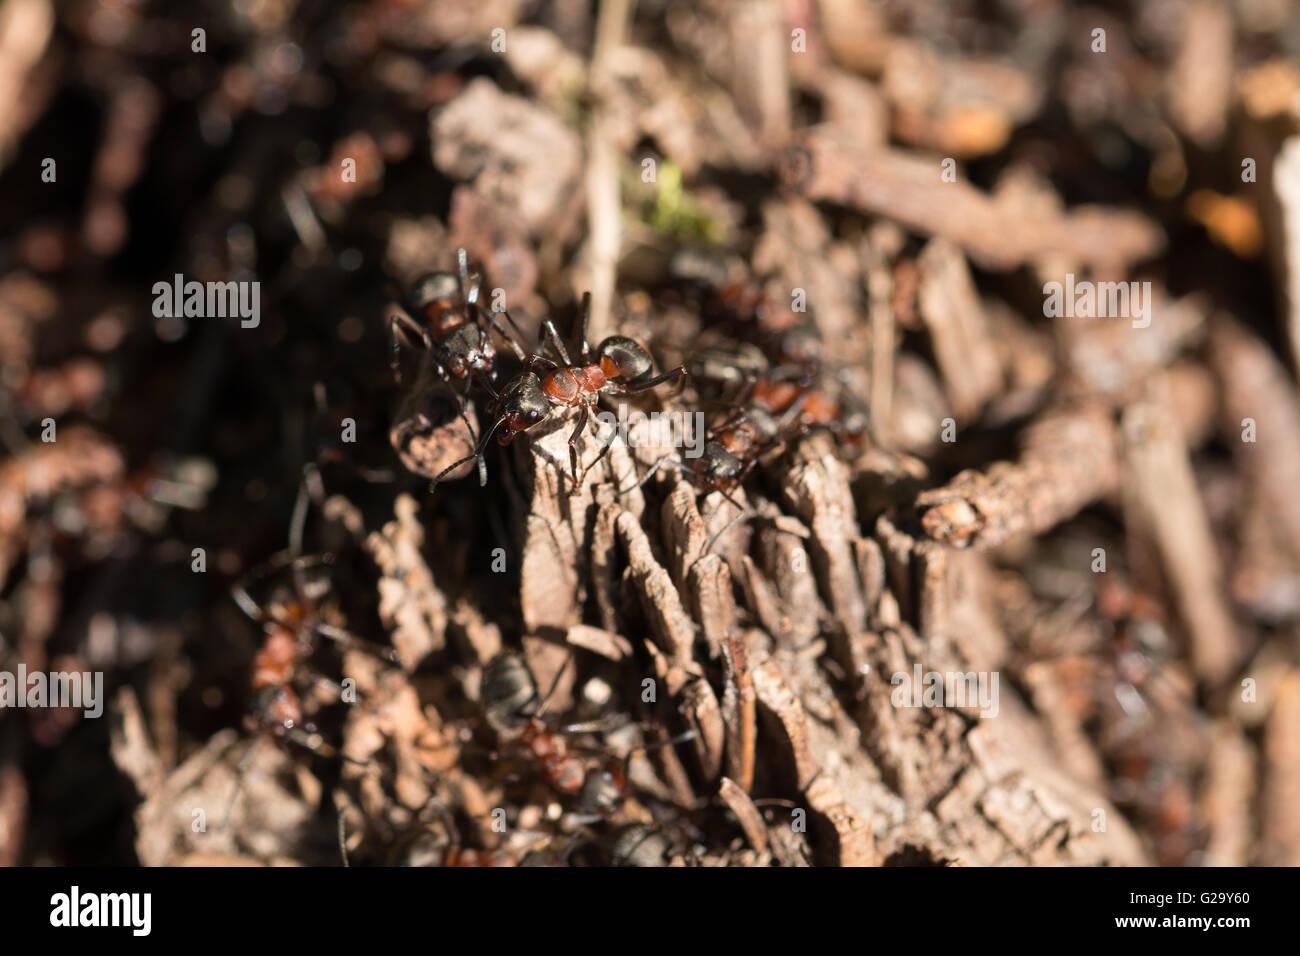 Ameisenhaufen mit Waldameisen  Anthill with forest ants - Stock Image